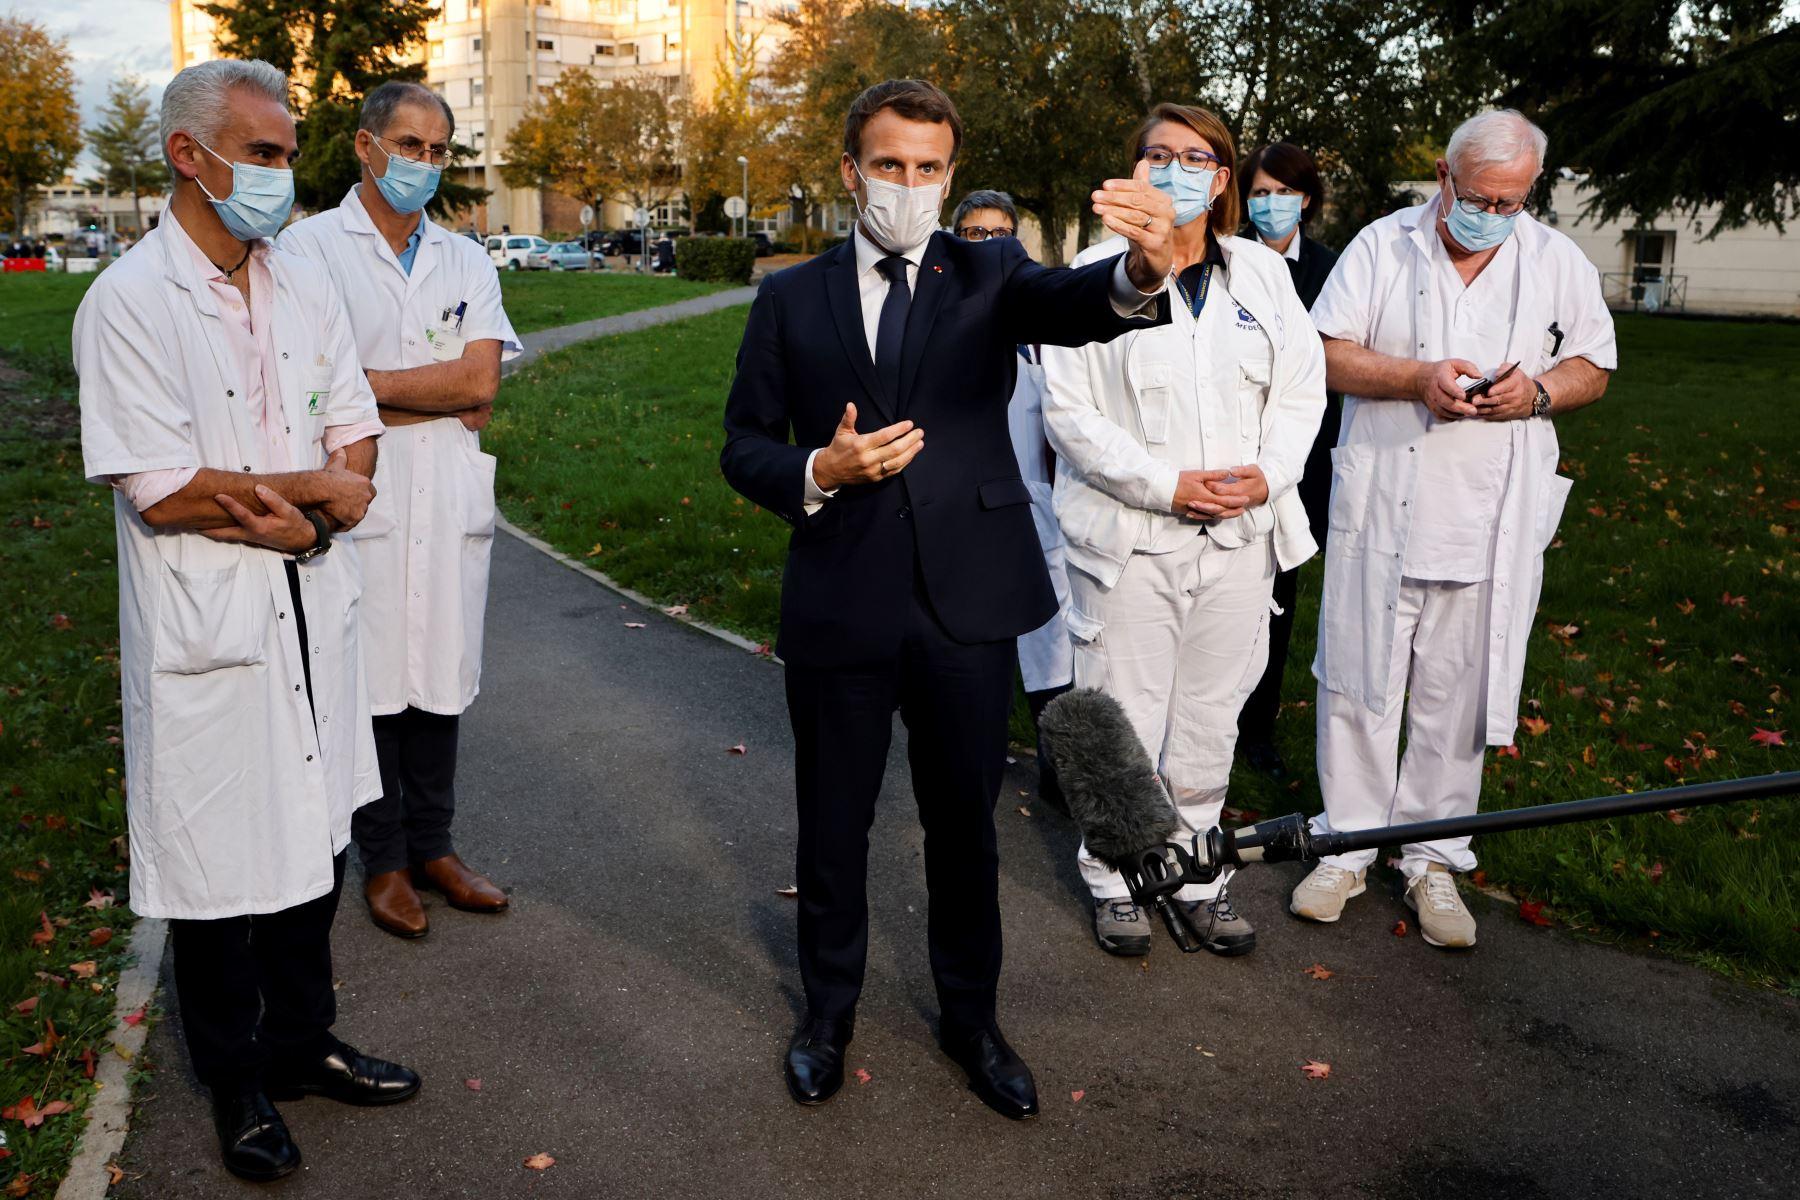 El presidente francés, Emmanuel Macron, habla con la prensa tras presidir una reunión con el personal médico del centro hospitalario Rene Dubos, en Pontoise, en el Valle del Oise, mientras el país afronta una nueva ola de infecciones en el covid-19   Foto: AFP